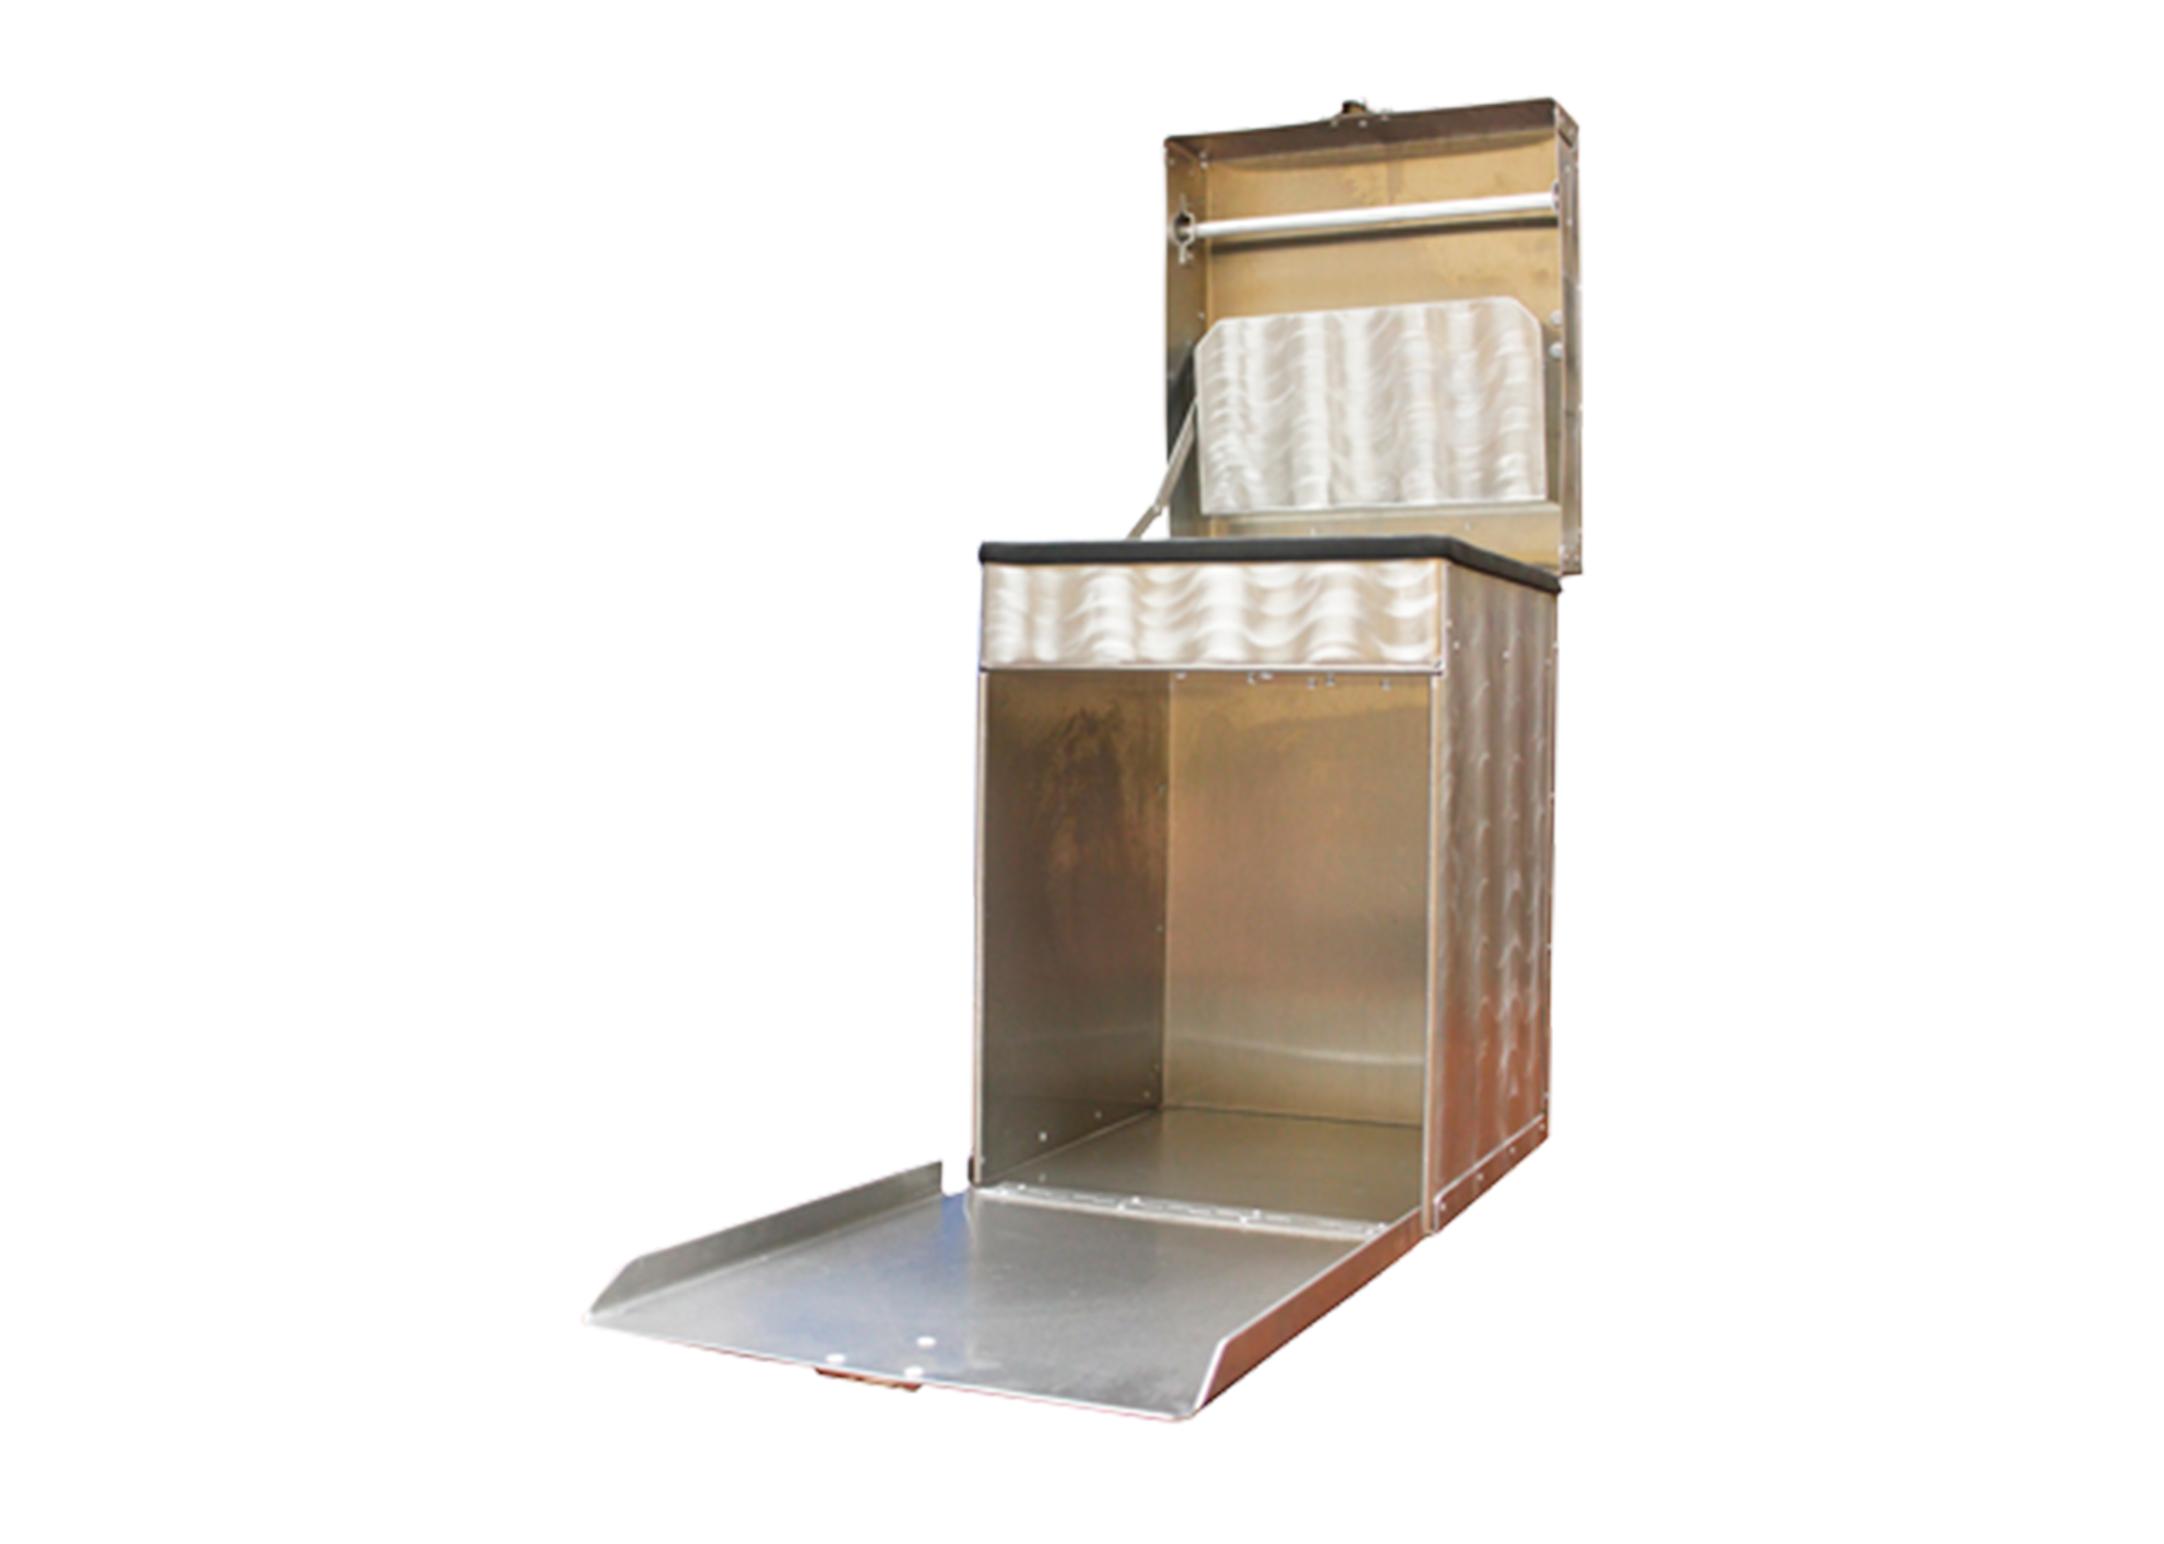 Chris Christensen Systems D-Flite Tack Box 100 Standard Wave Materiaalkoffer